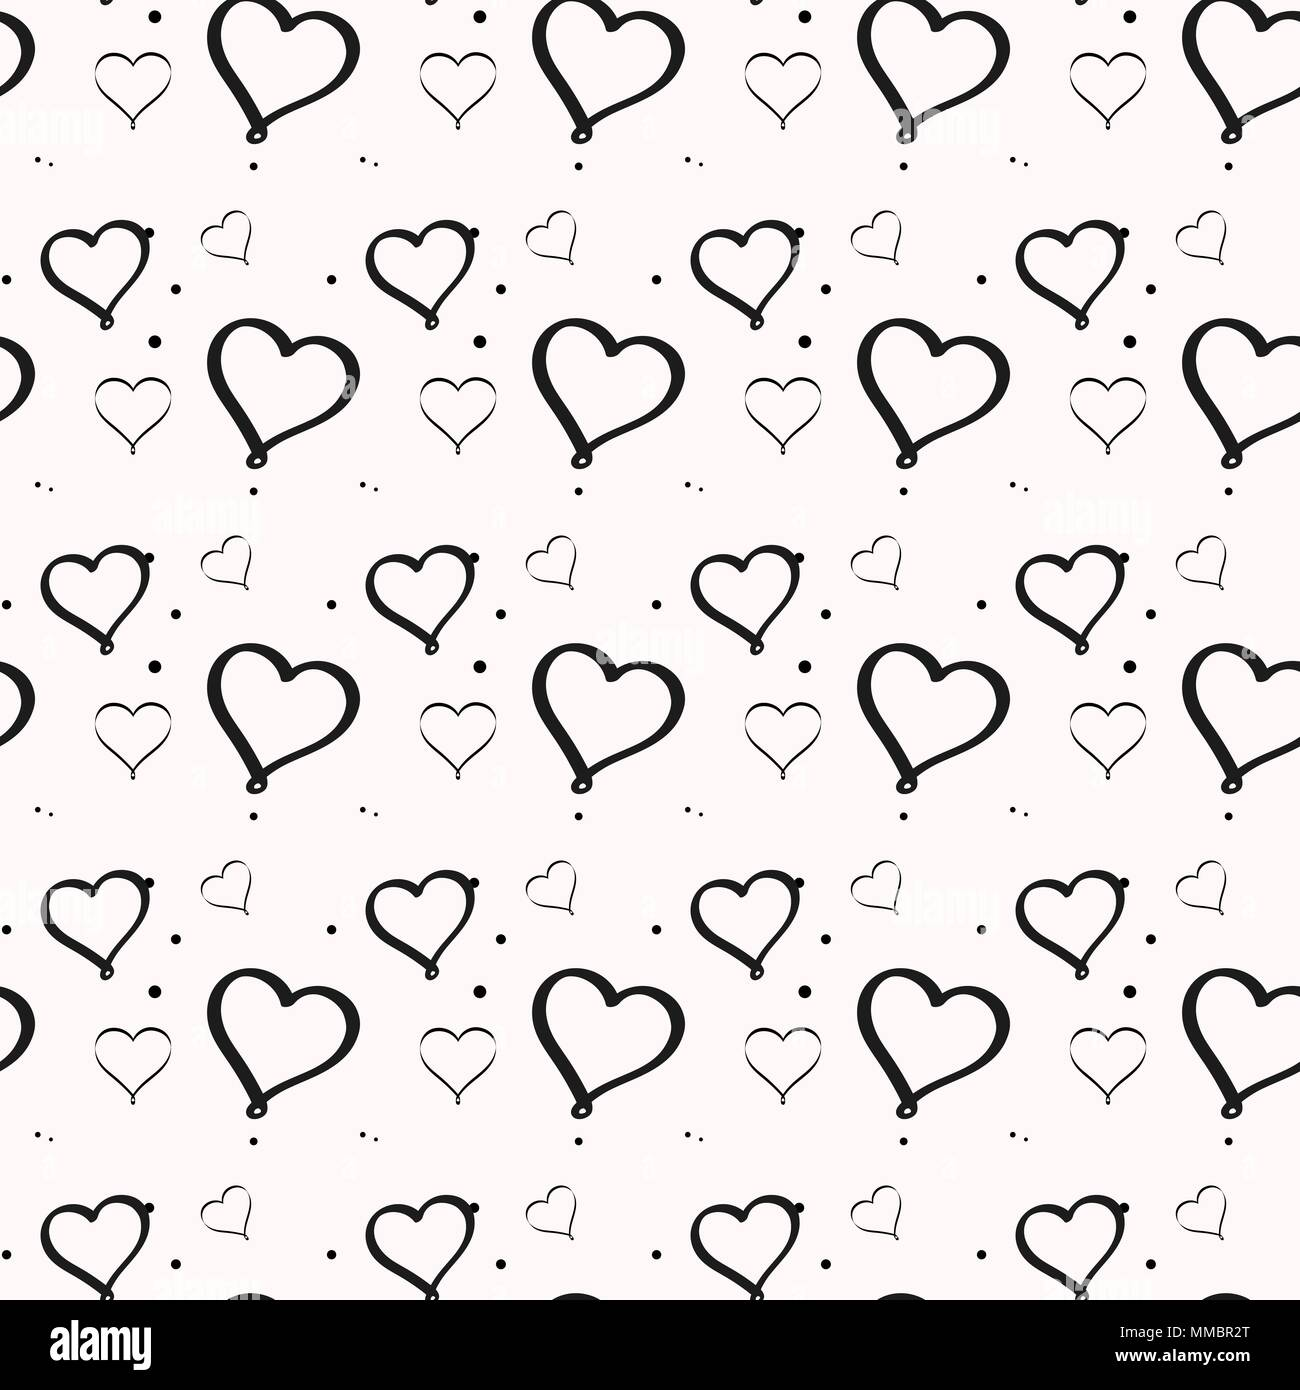 La forma dei cuori con colori diversi è così carina! Bianco E Nero Cuore Minimalista Seamless Pattern Per Carta Da Parati Di Vivaio Set Di Isolato Divertente Carino Simboli Decorativi Ed Elementi Scacchi Ordine Della Griglia Immagine E Vettoriale Alamy